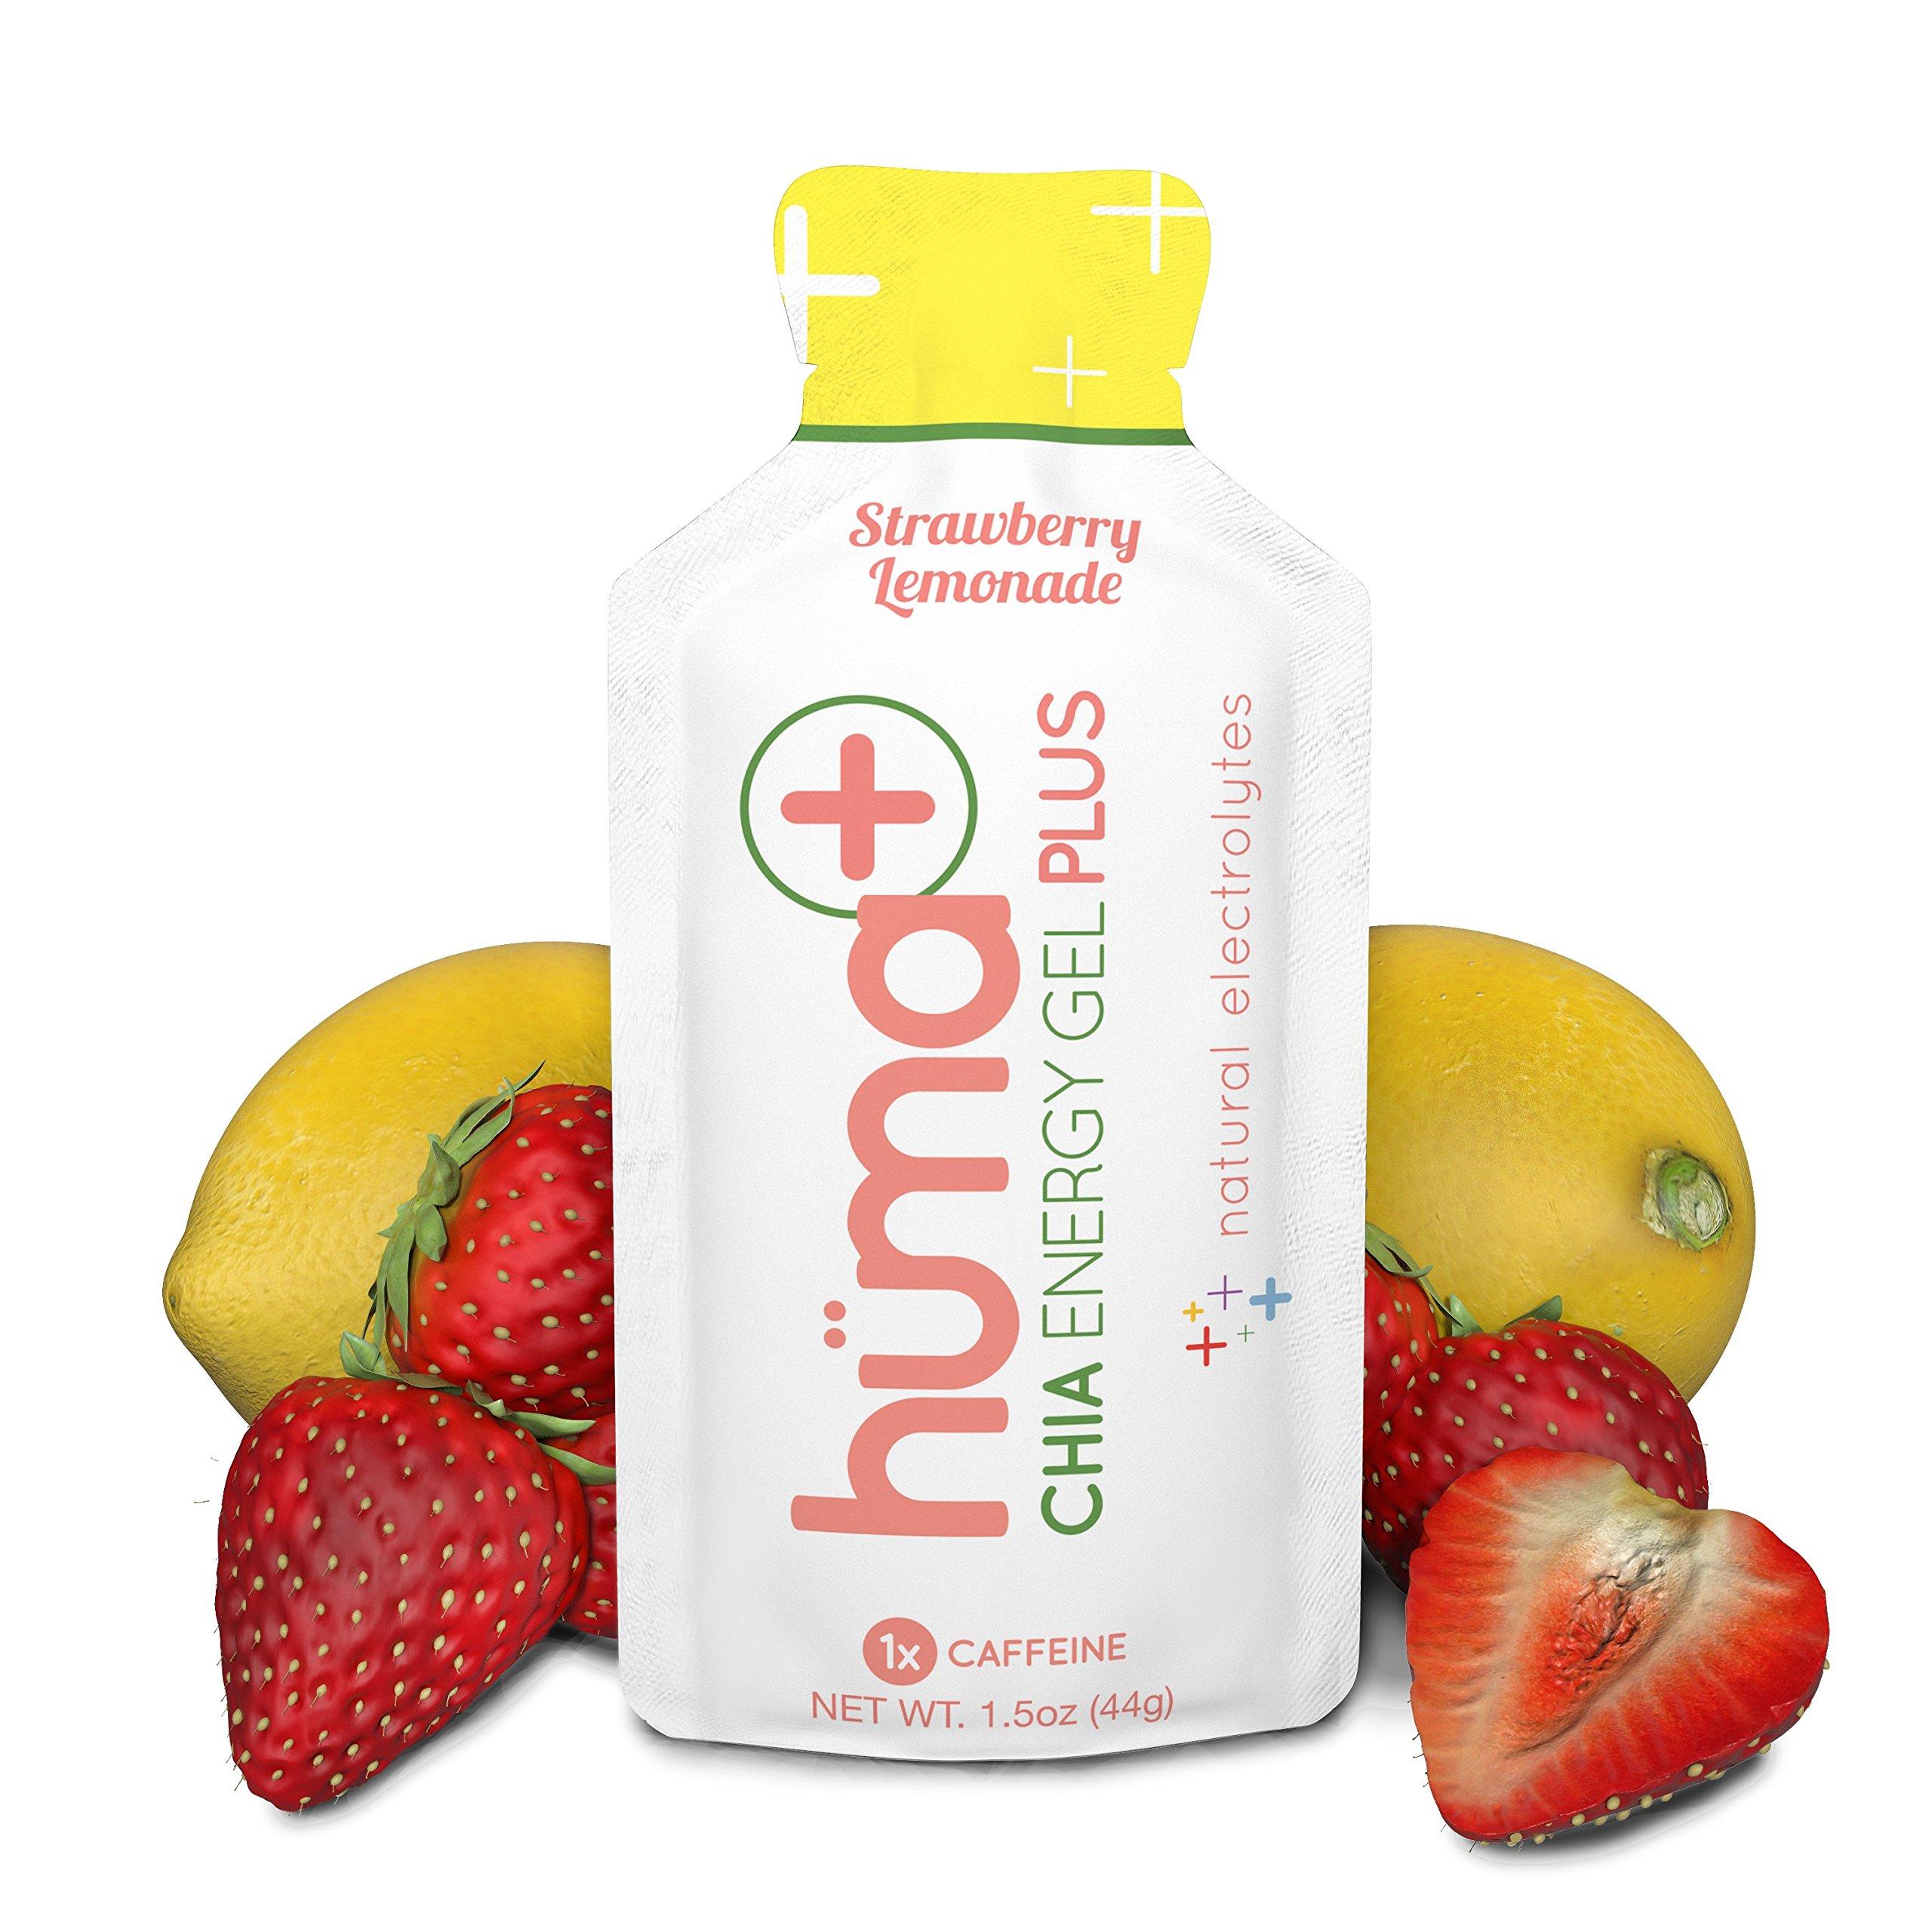 Huma Plus - Chia Energy Gel, 8 Plus & 16 Original Gels - Natural Electrolyte Enhanced Energy Gel by Huma Gel (Image #2)